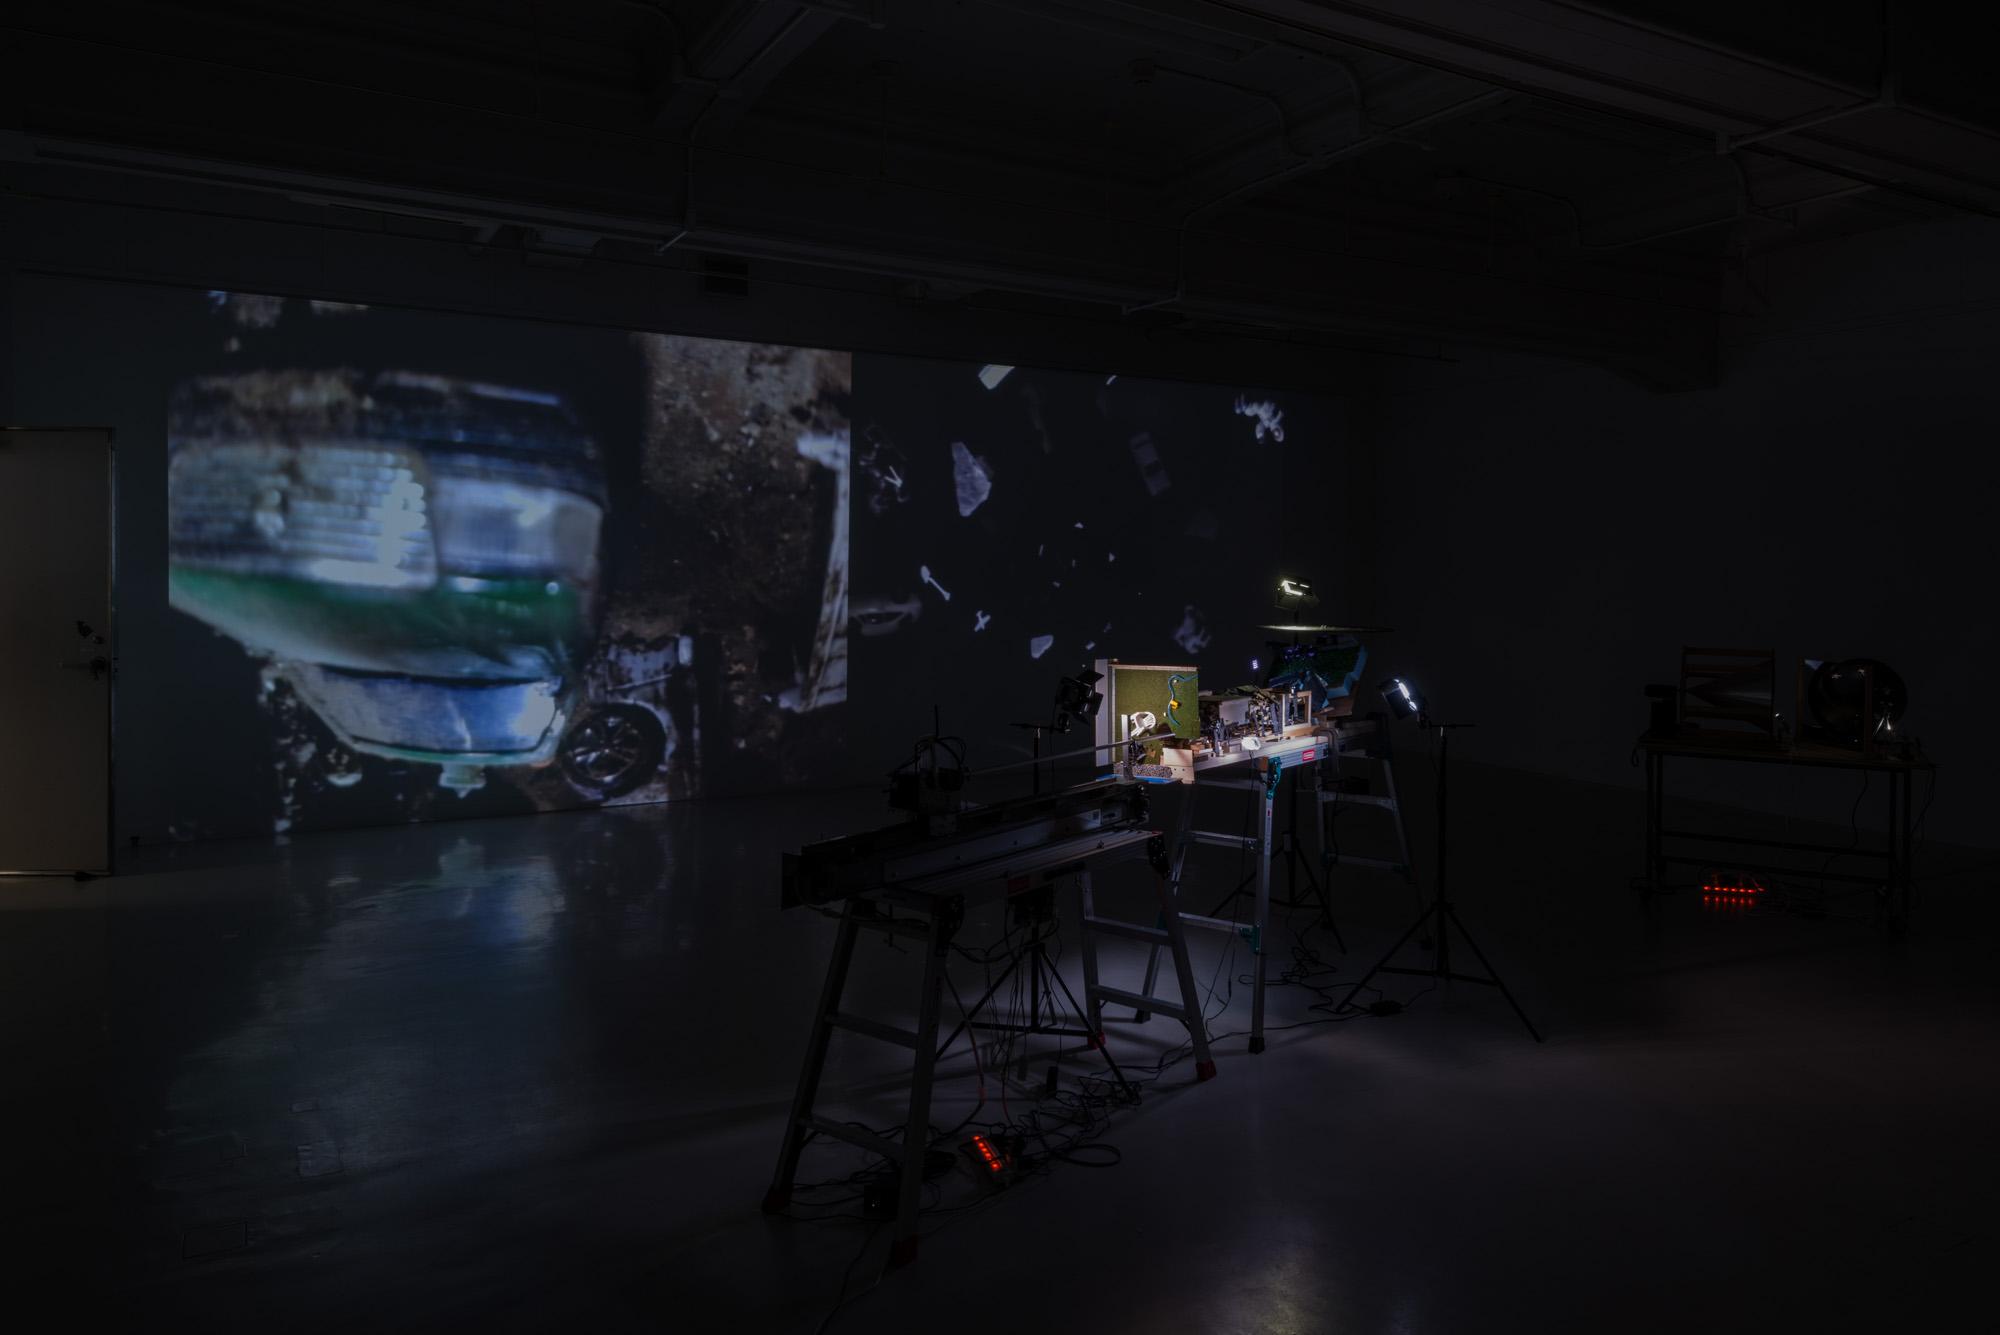 新incubation8『ジオラマとパノラマ ――Diverting Realities』展示風景<br /> photo by Nobutada OMOTE